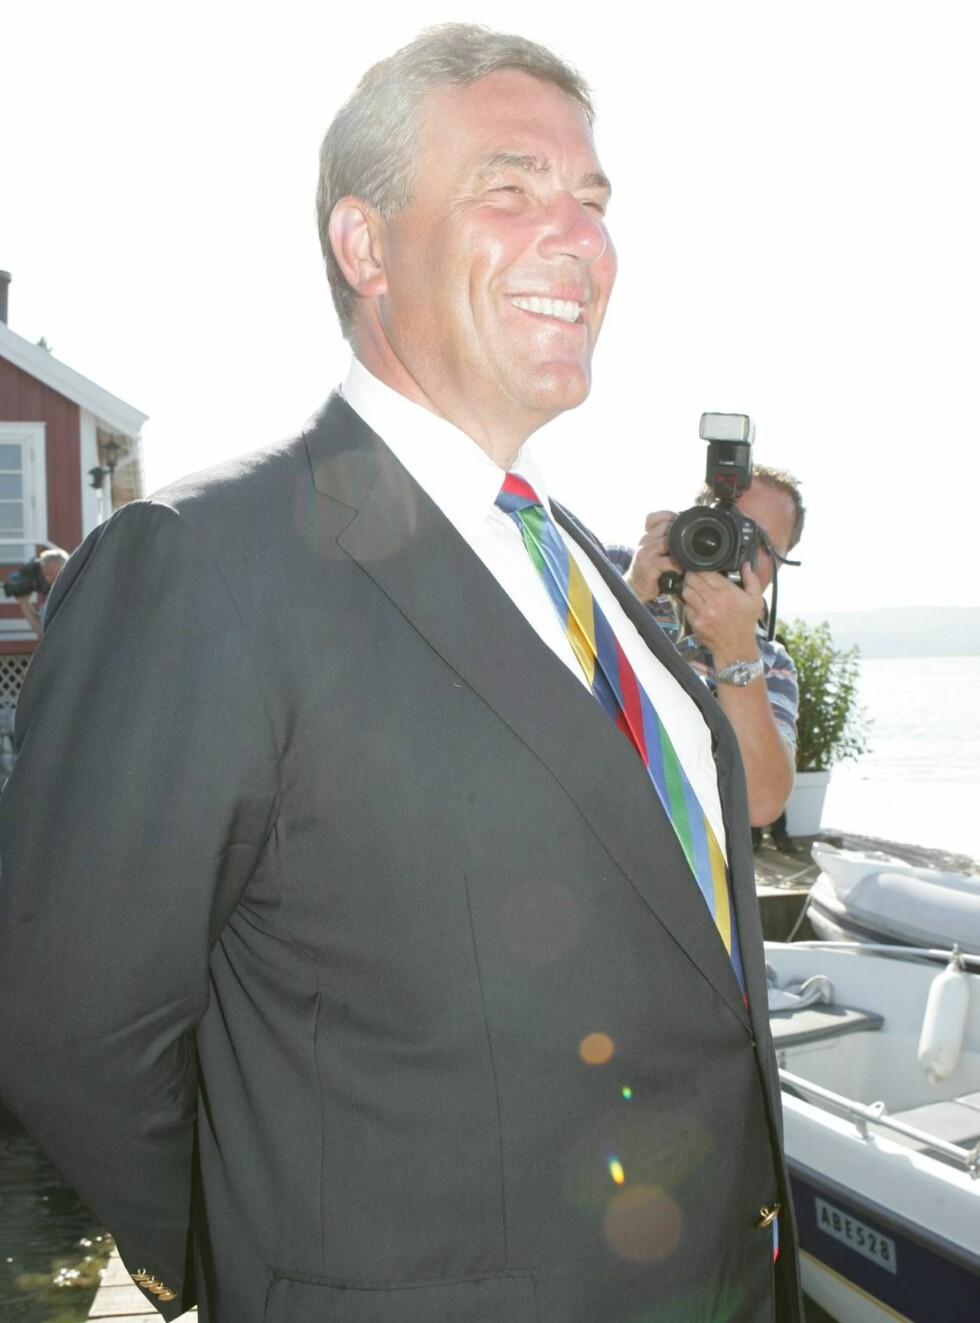 KUNSTINTERESSERT: Stein Erik Hagen - nå også portrettert av Nokas-raner Johnny Thendrup. Foto: Andreas Fadum, Se og Hør